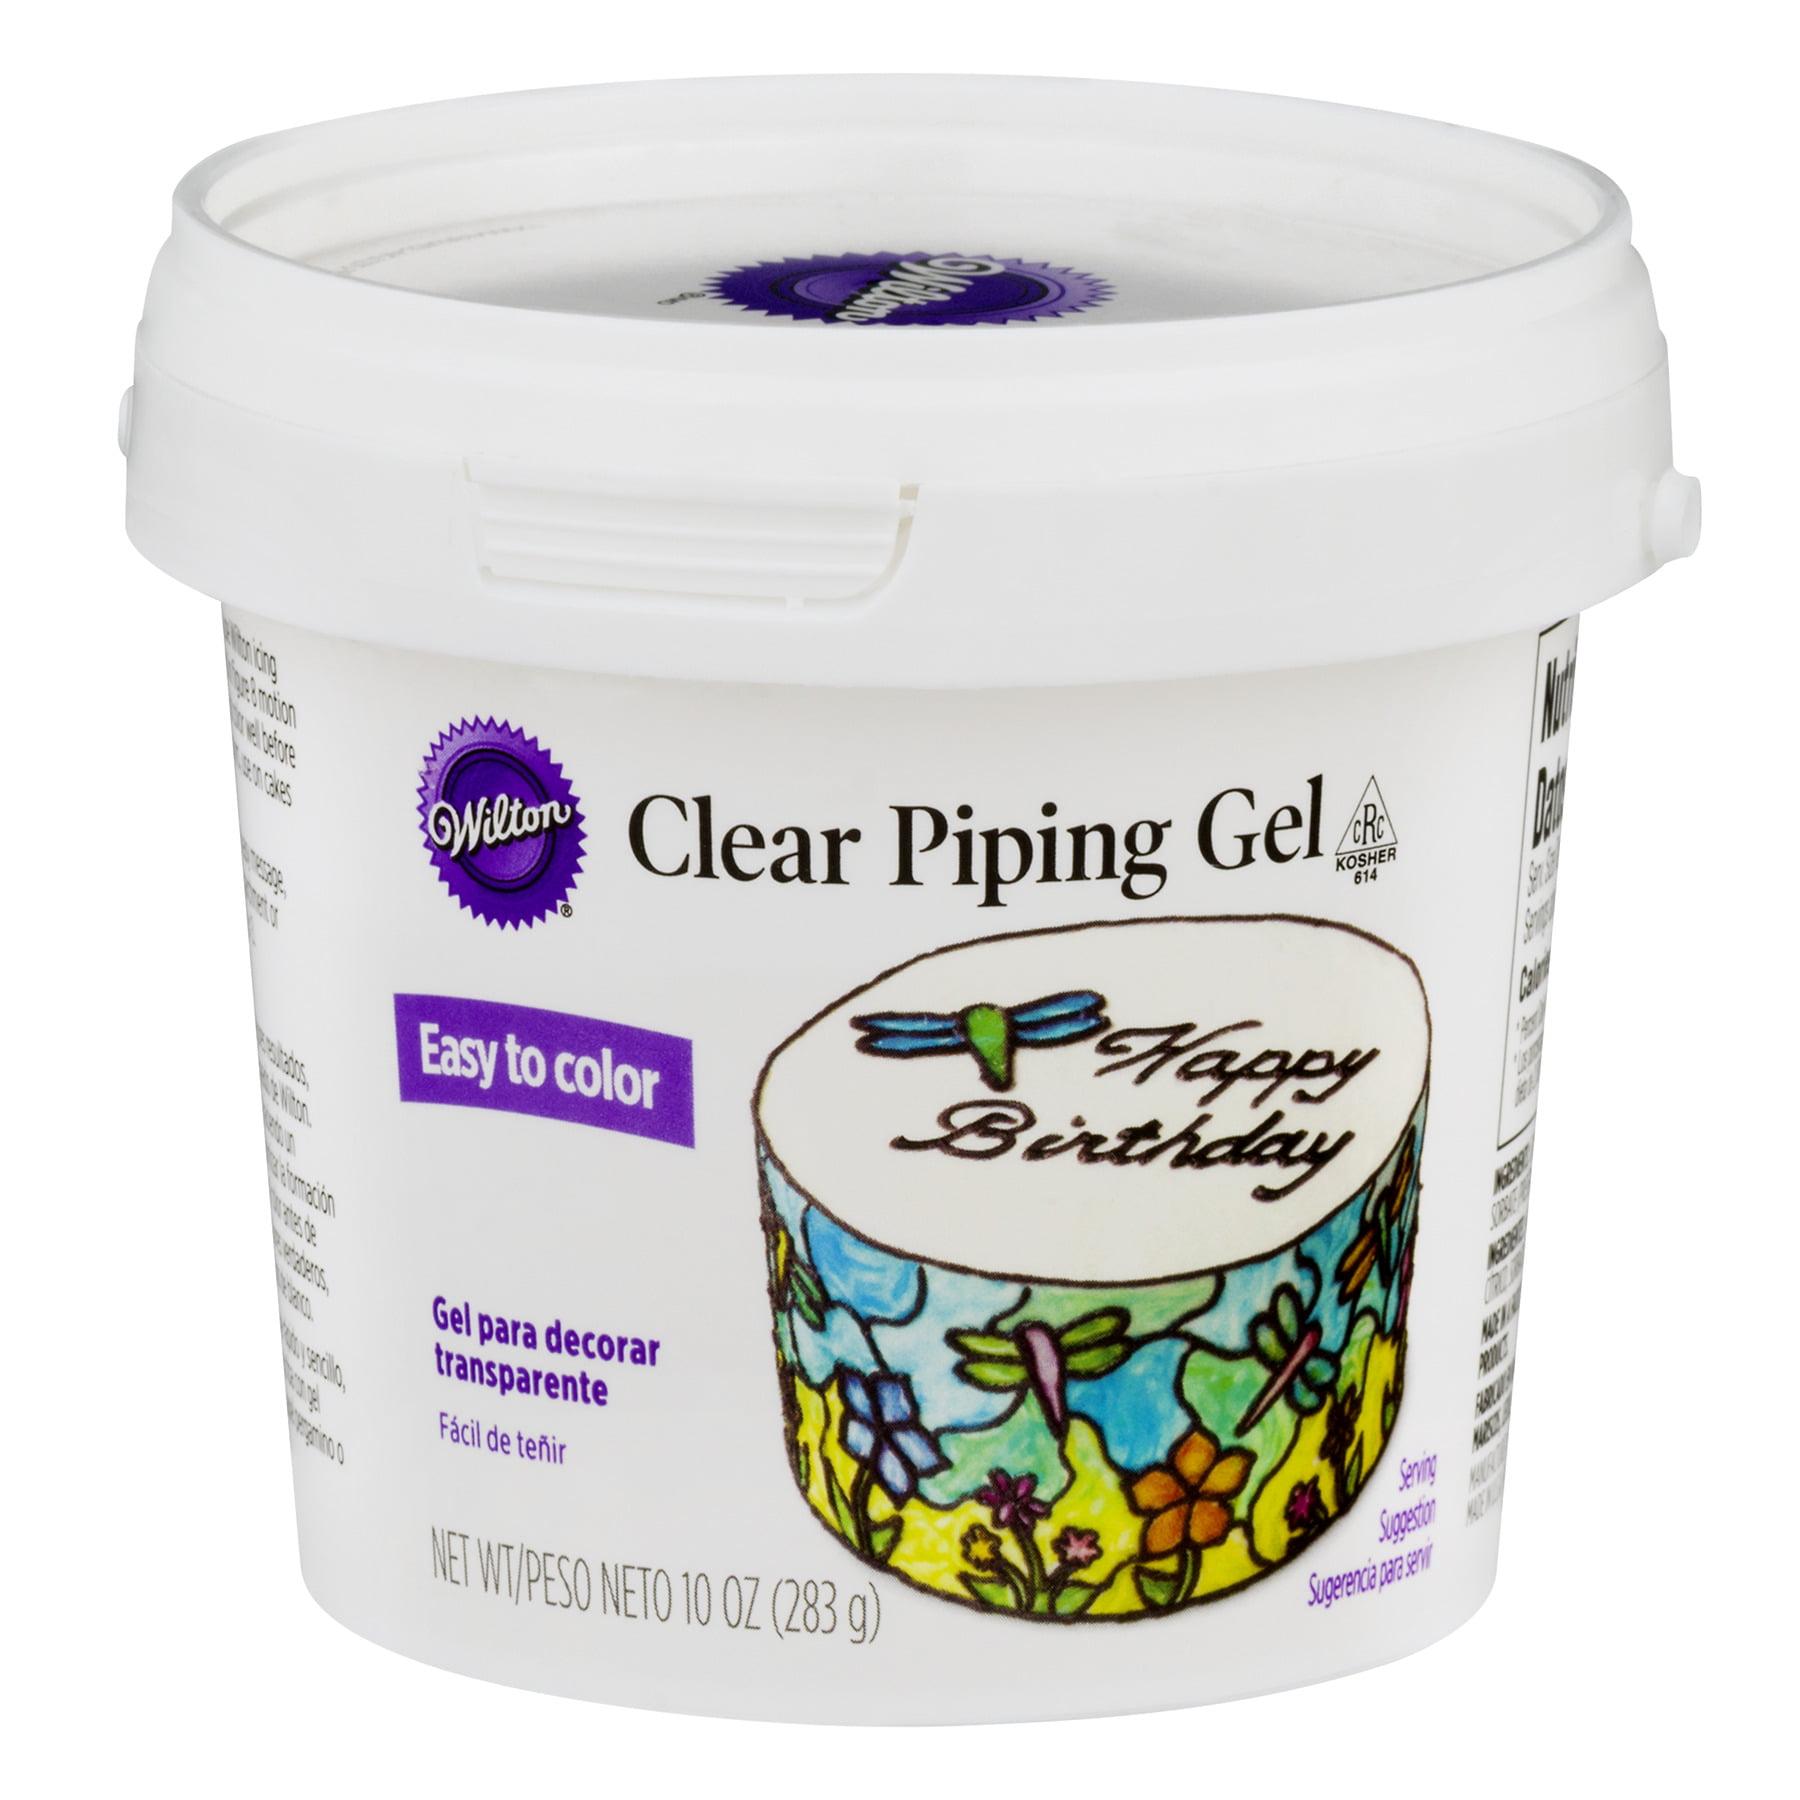 Wilton Clear Piping Gel, 10 oz.